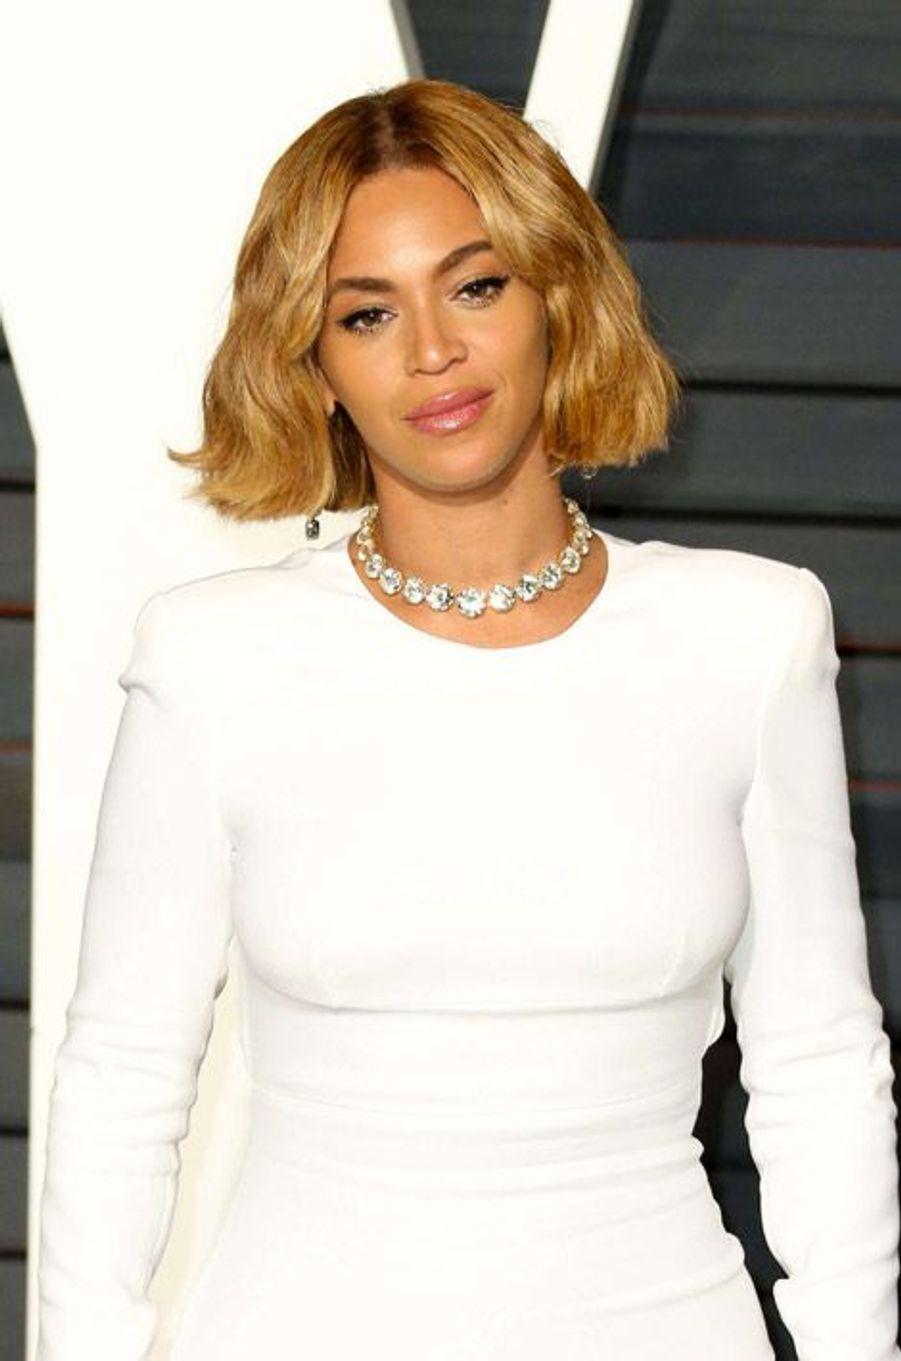 Lachanteuse Beyoncé et son carré court